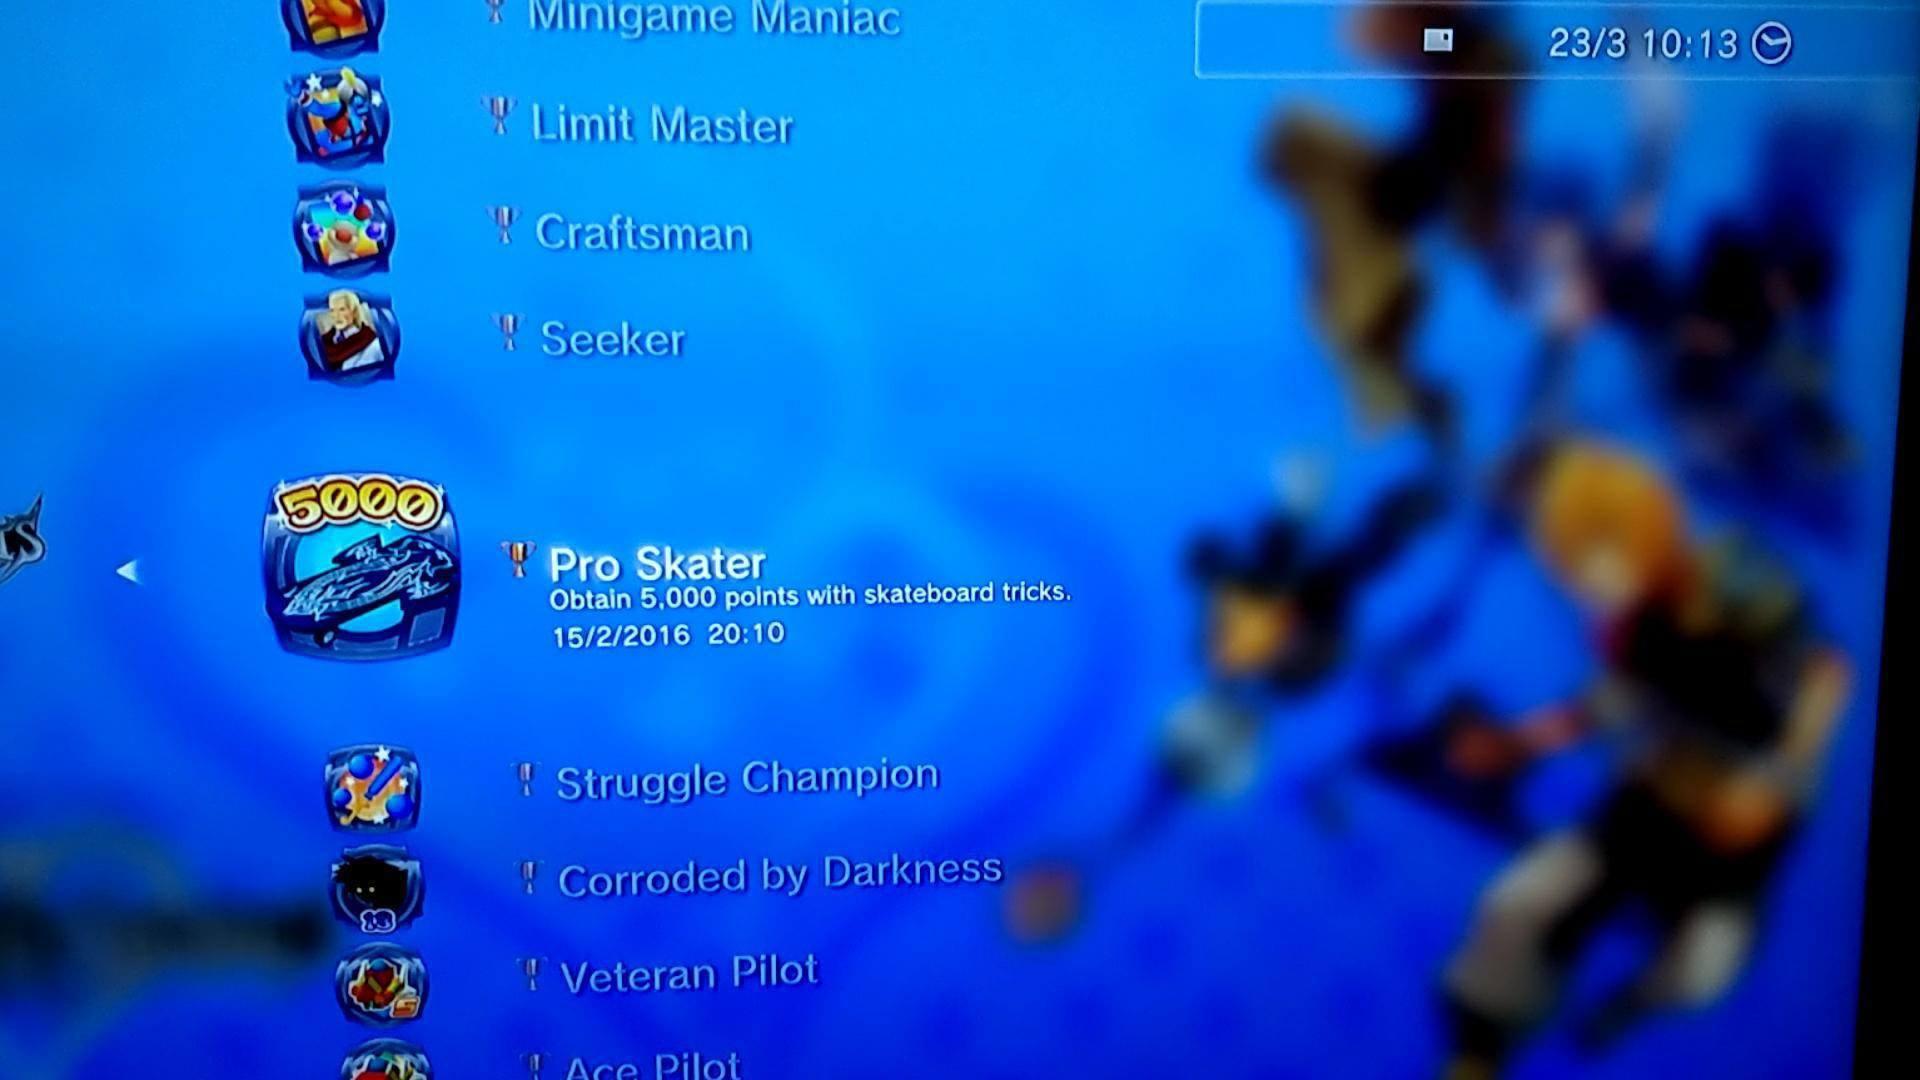 Pro_Skater.jpg